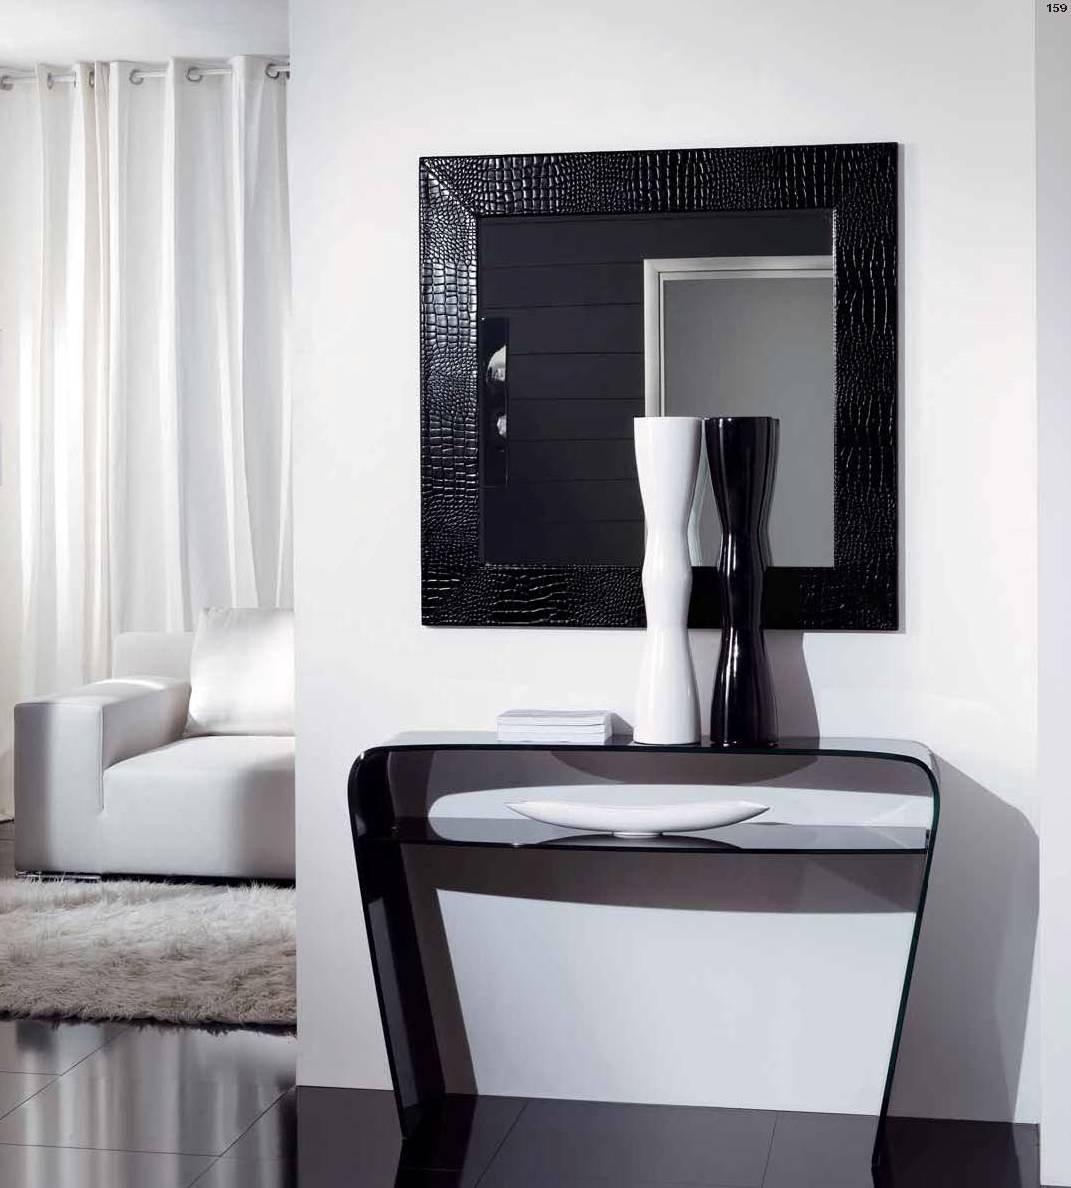 Specchi complementi d 39 arredo prodotti for Specchi arredo design